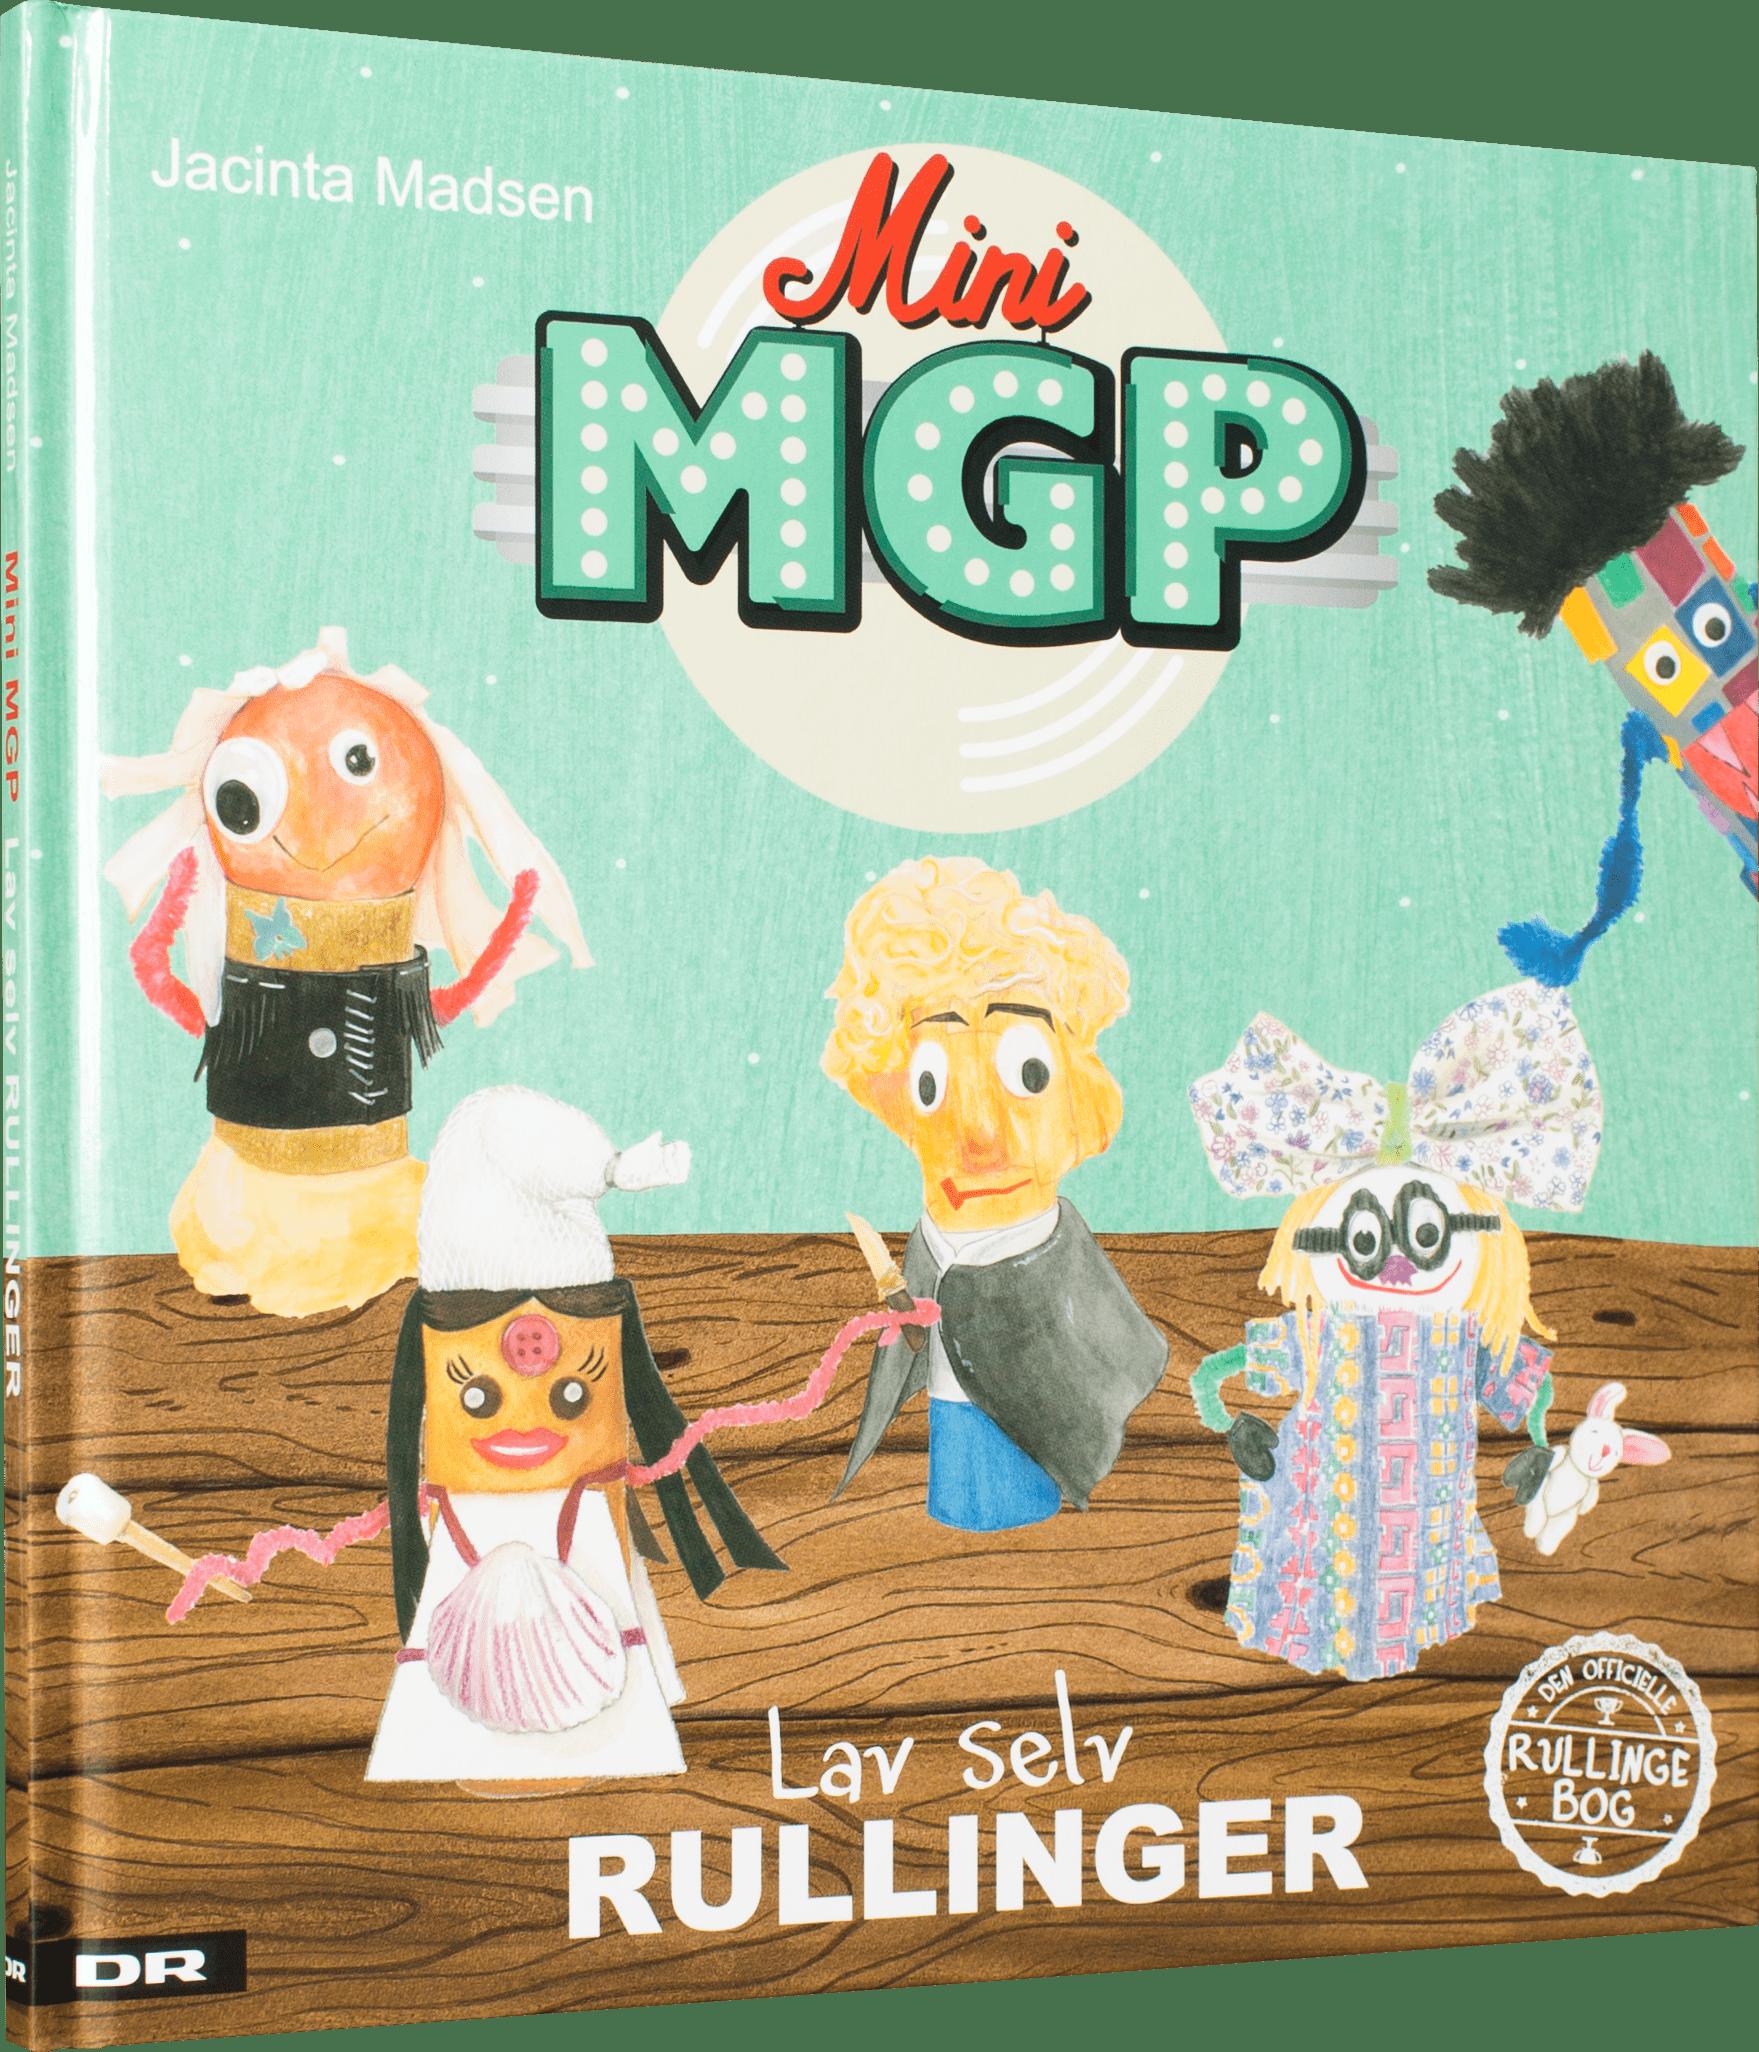 Mini mgp, rullingerne, lav selv rullinger, børnebøger, julegaver,